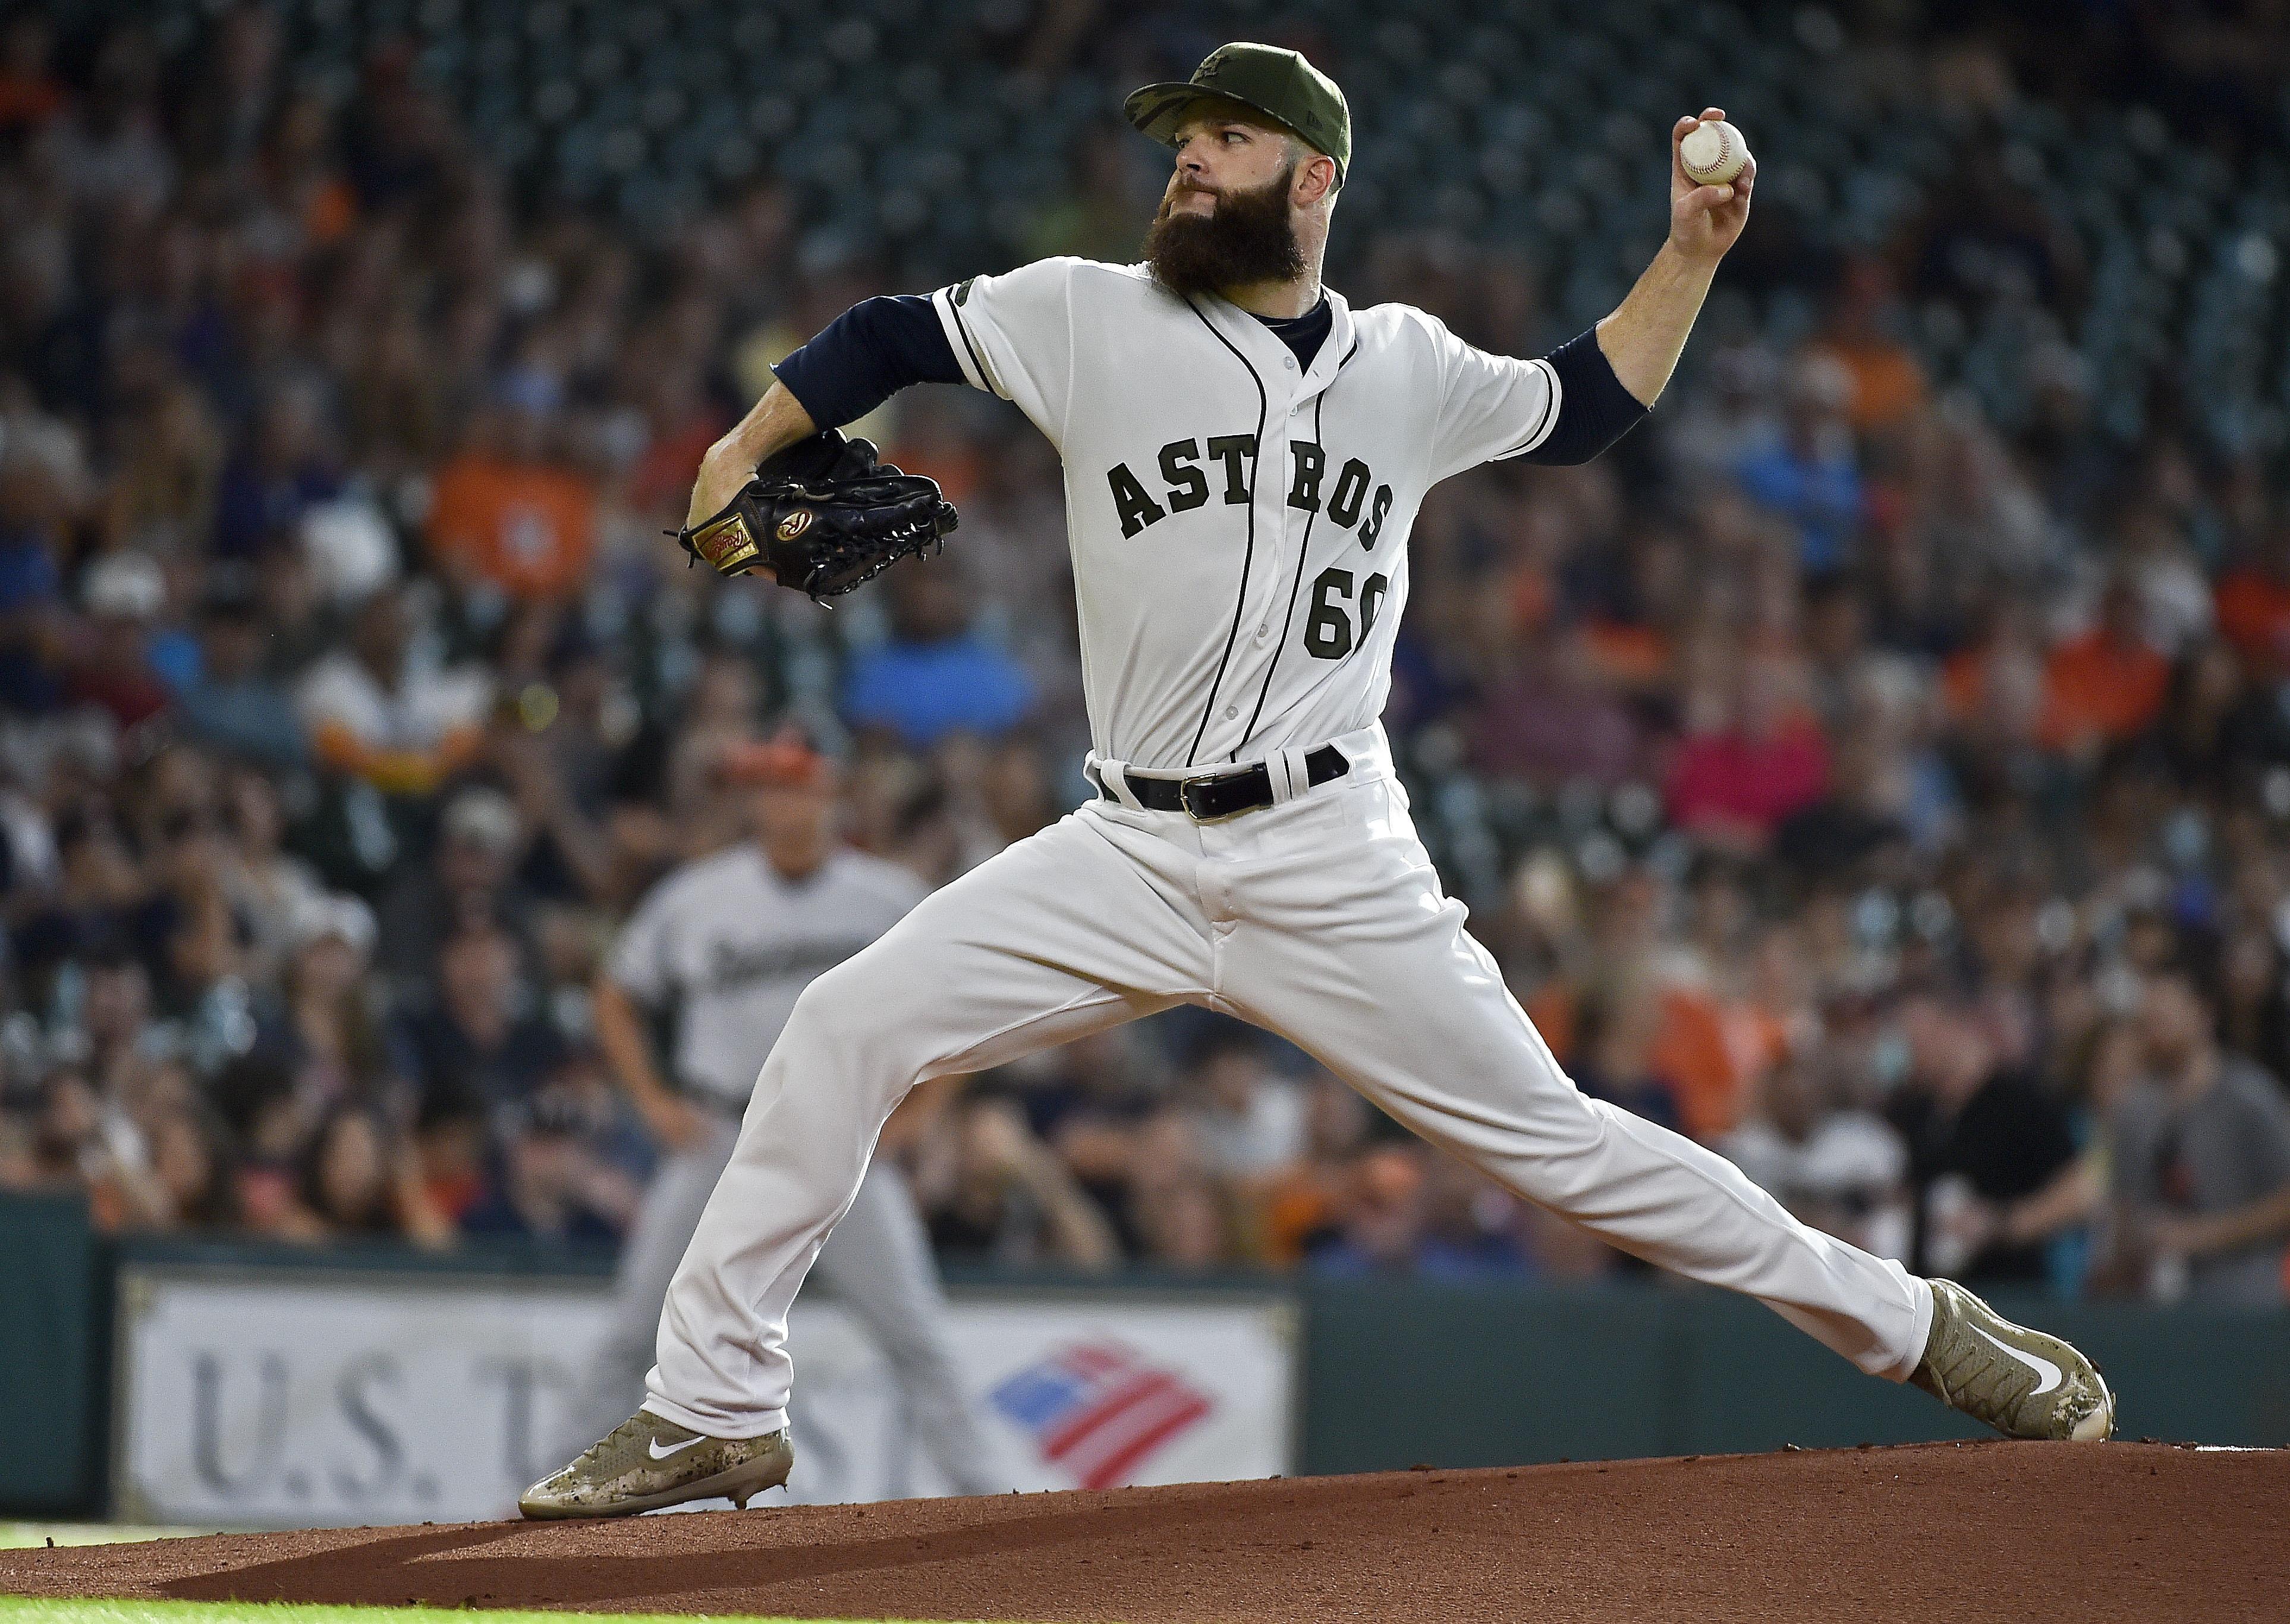 Orioles_astros_baseball_02878